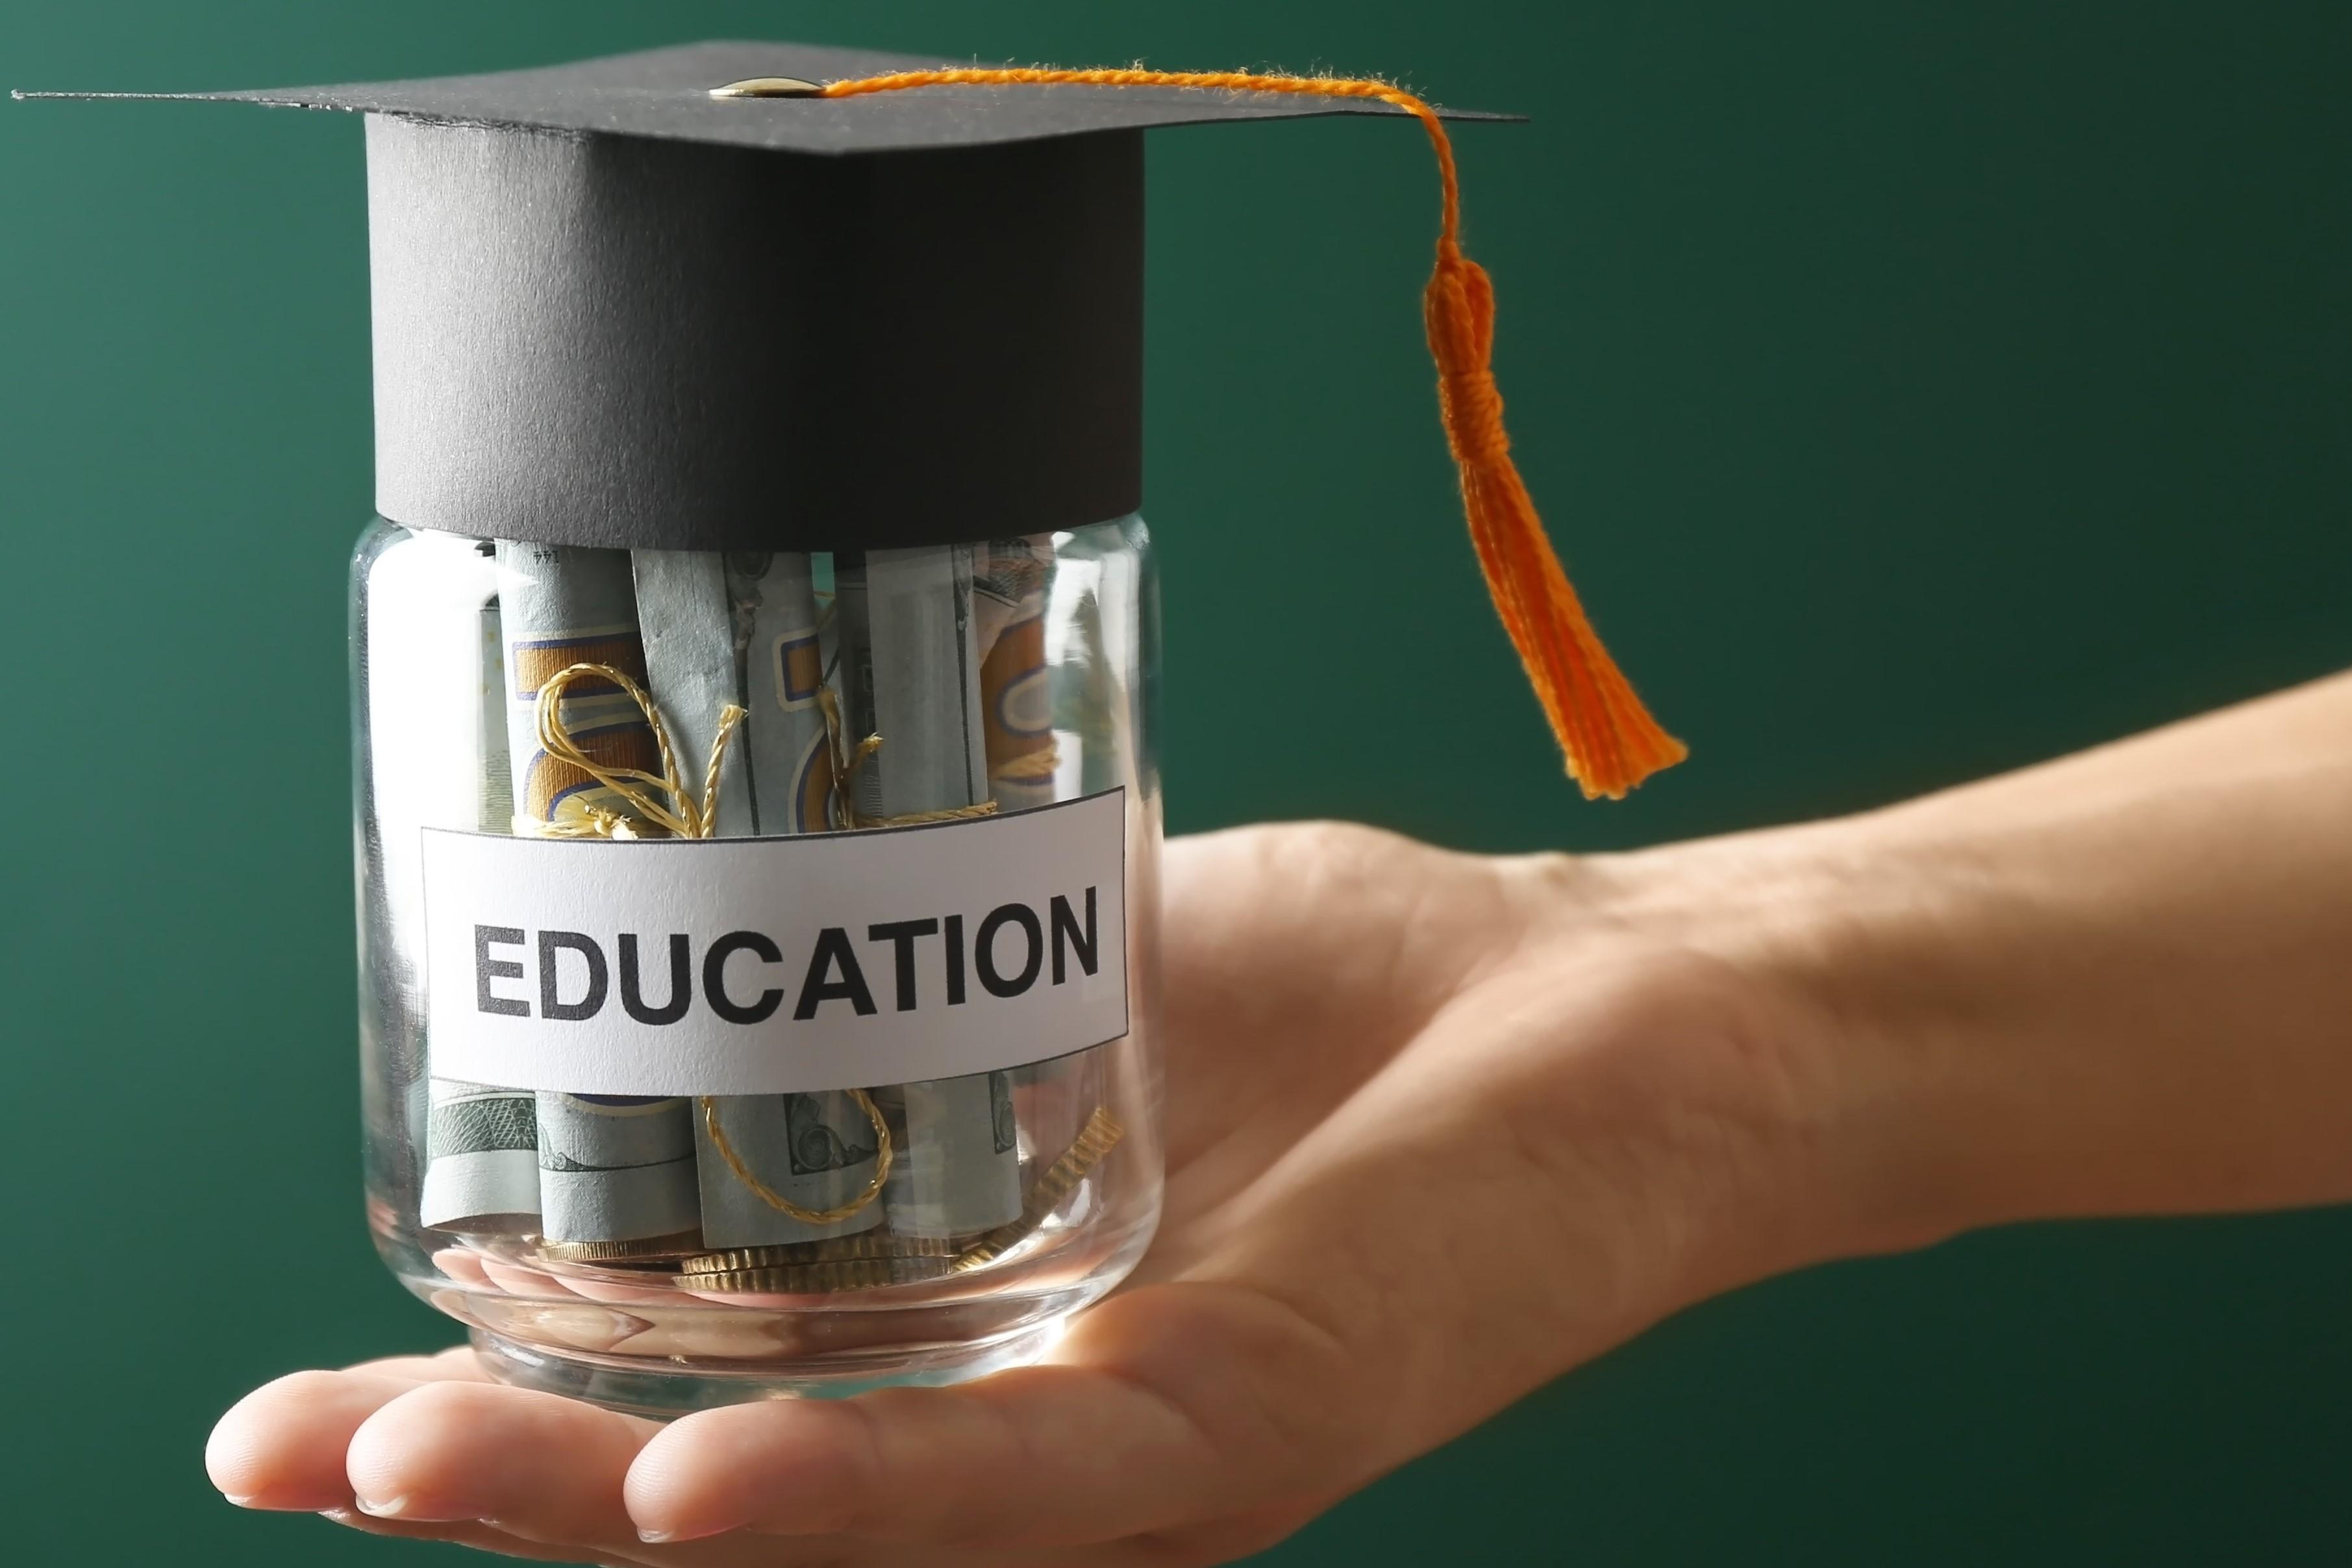 Nus scotland responds to eu student tuition fees   copy 2